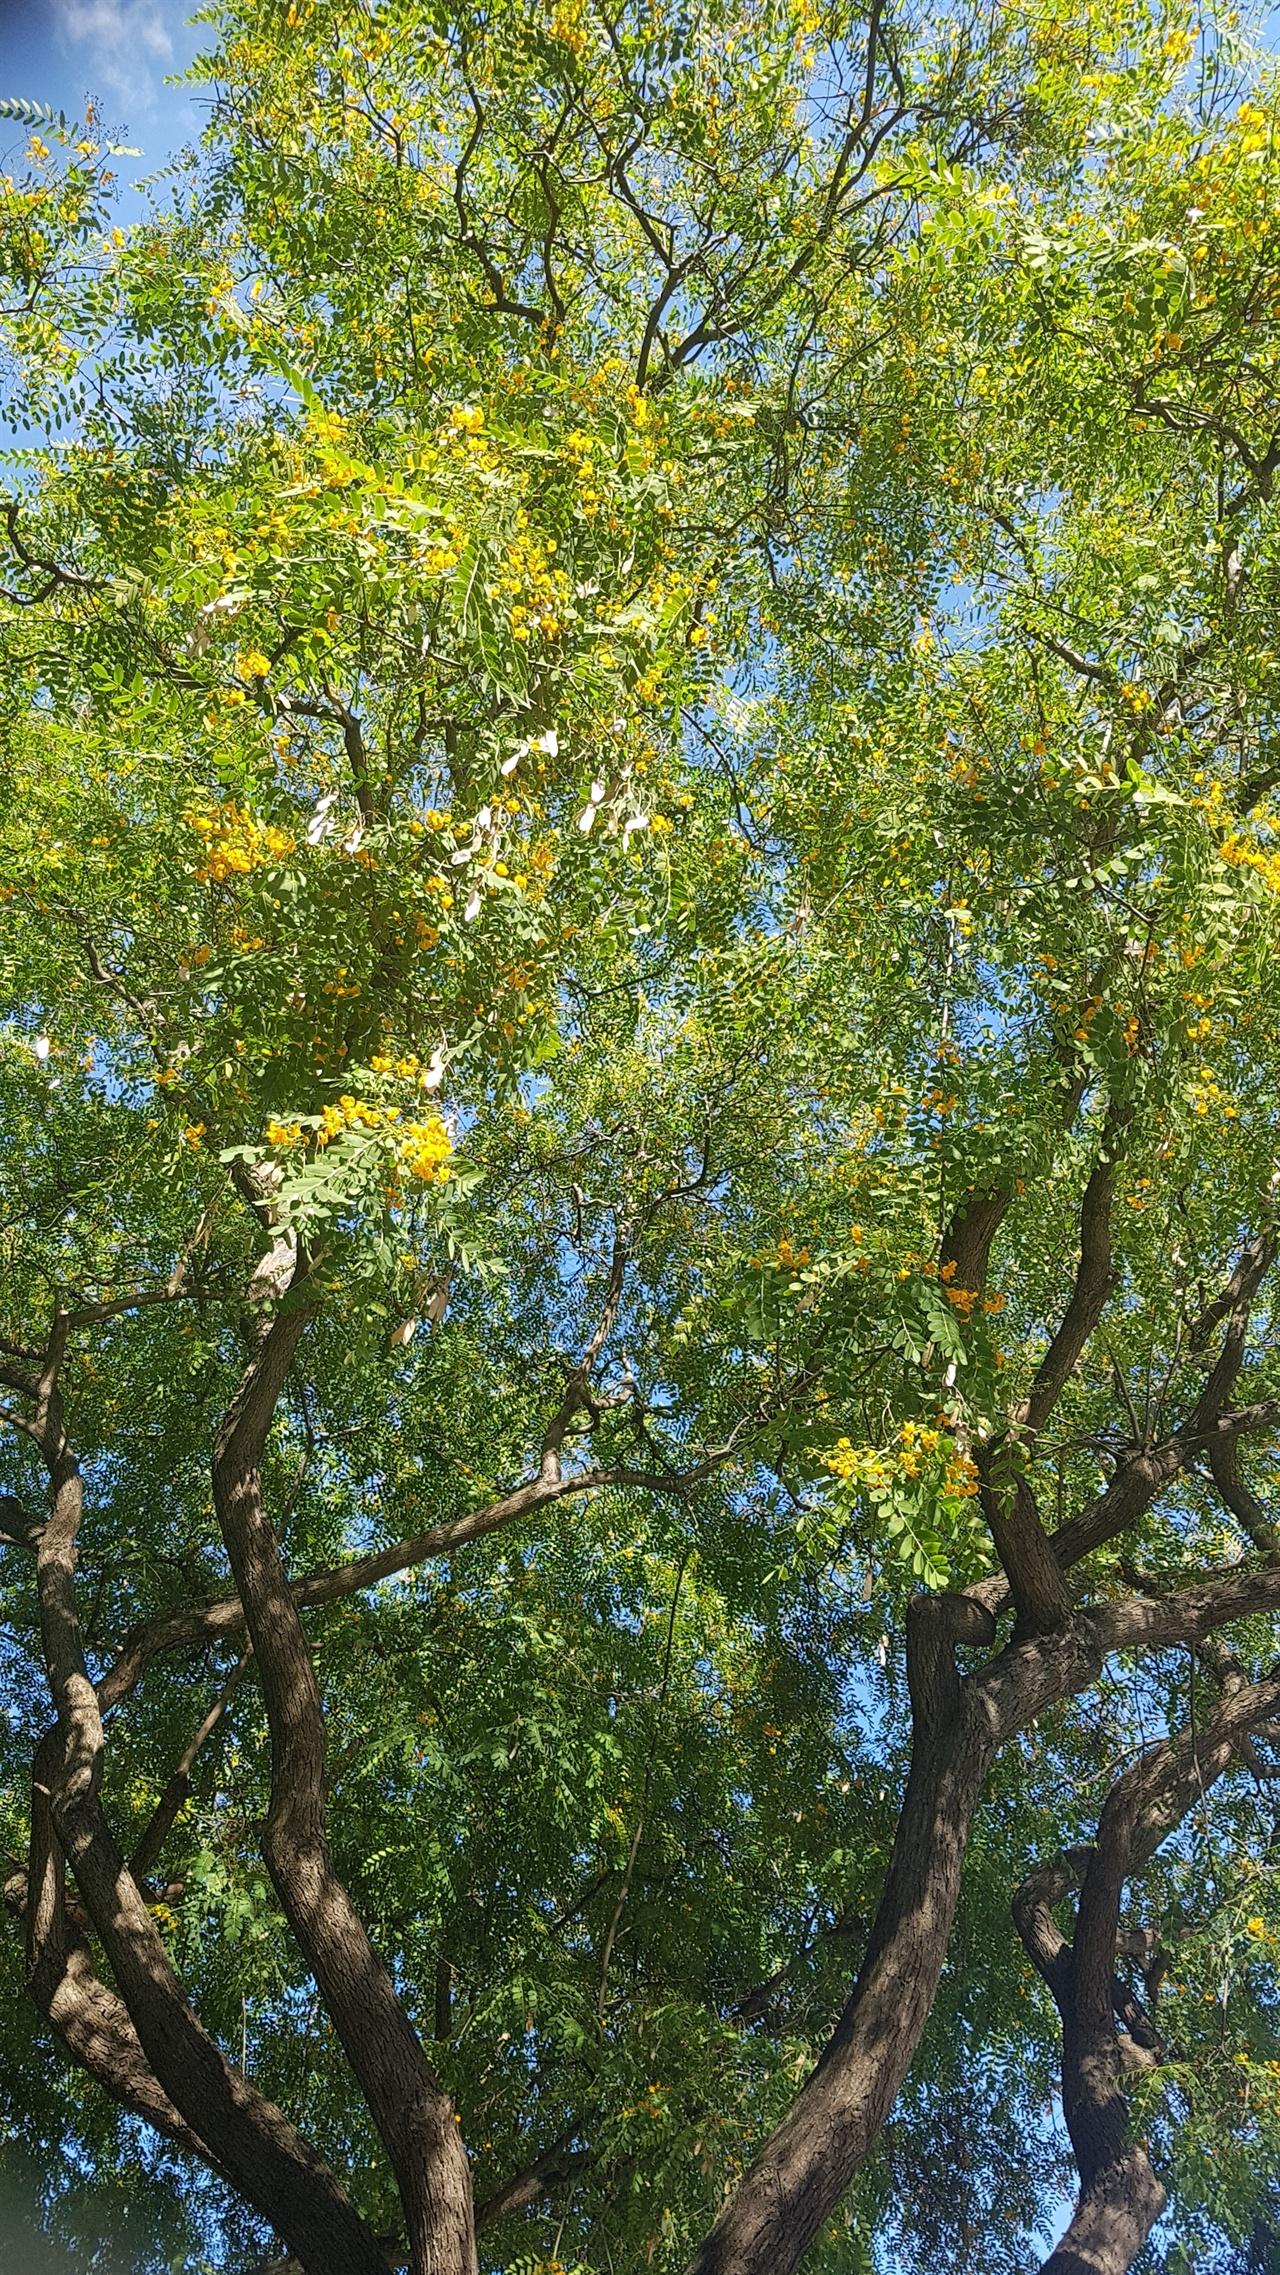 바르셀로나 거리에는 노란 꽃 아카시아 가로수가 많았습니다.